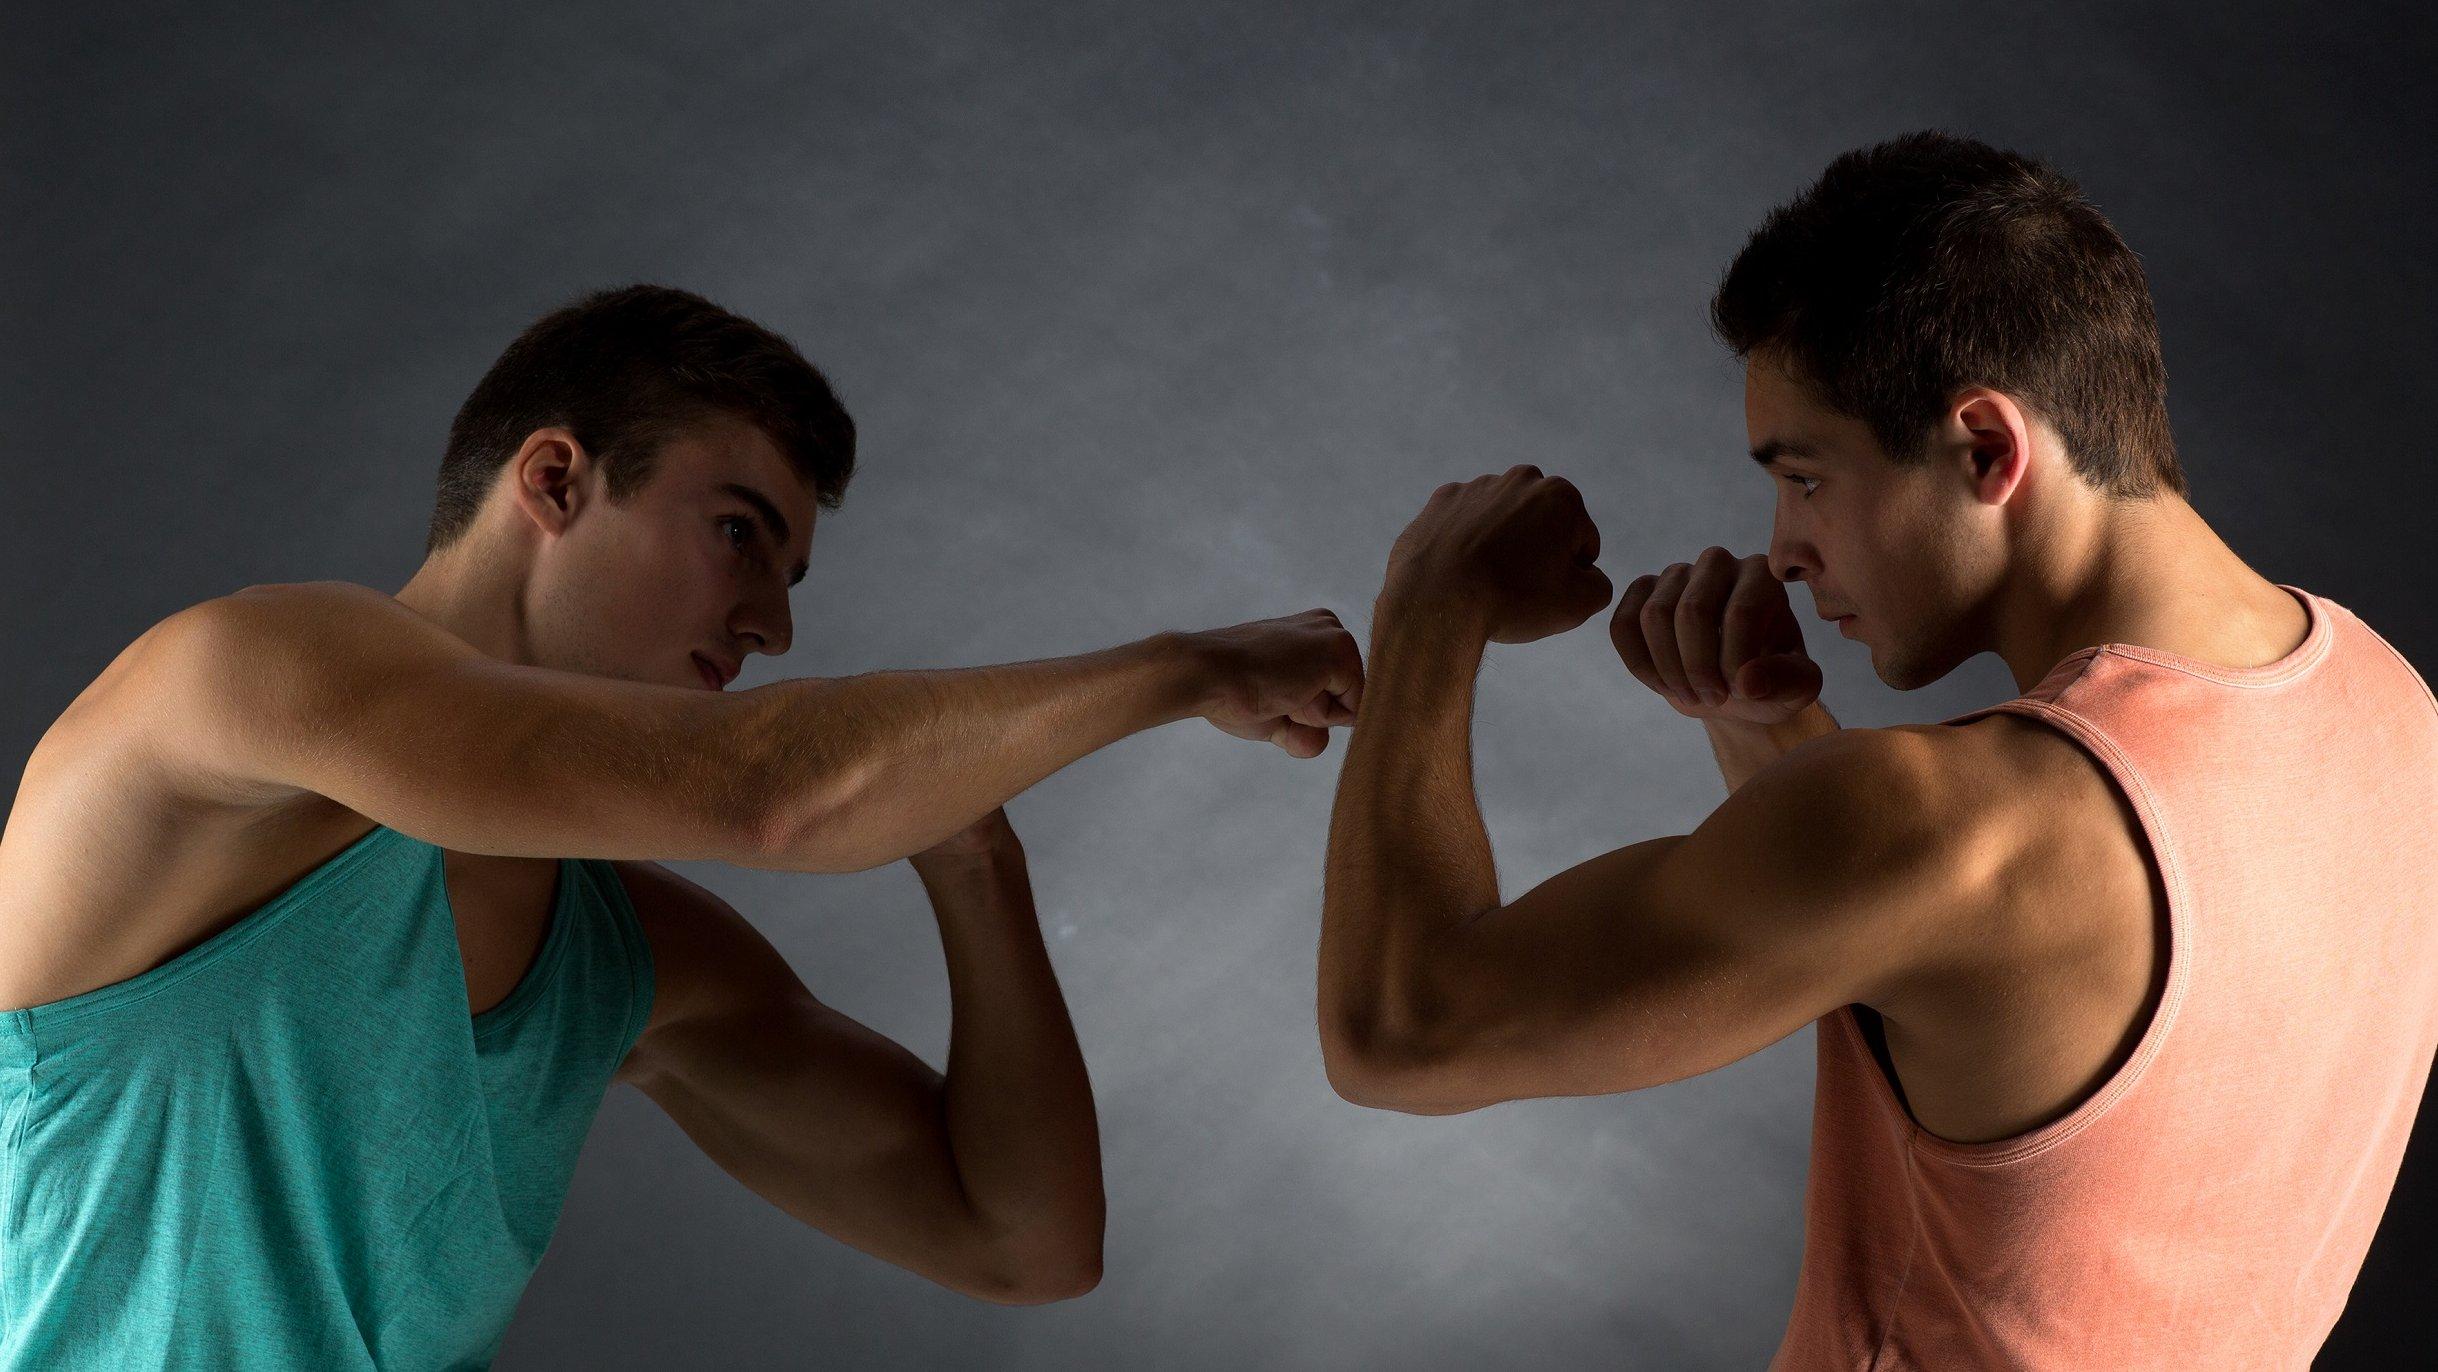 En god kamp kræver, at man kender hinandens grænser.